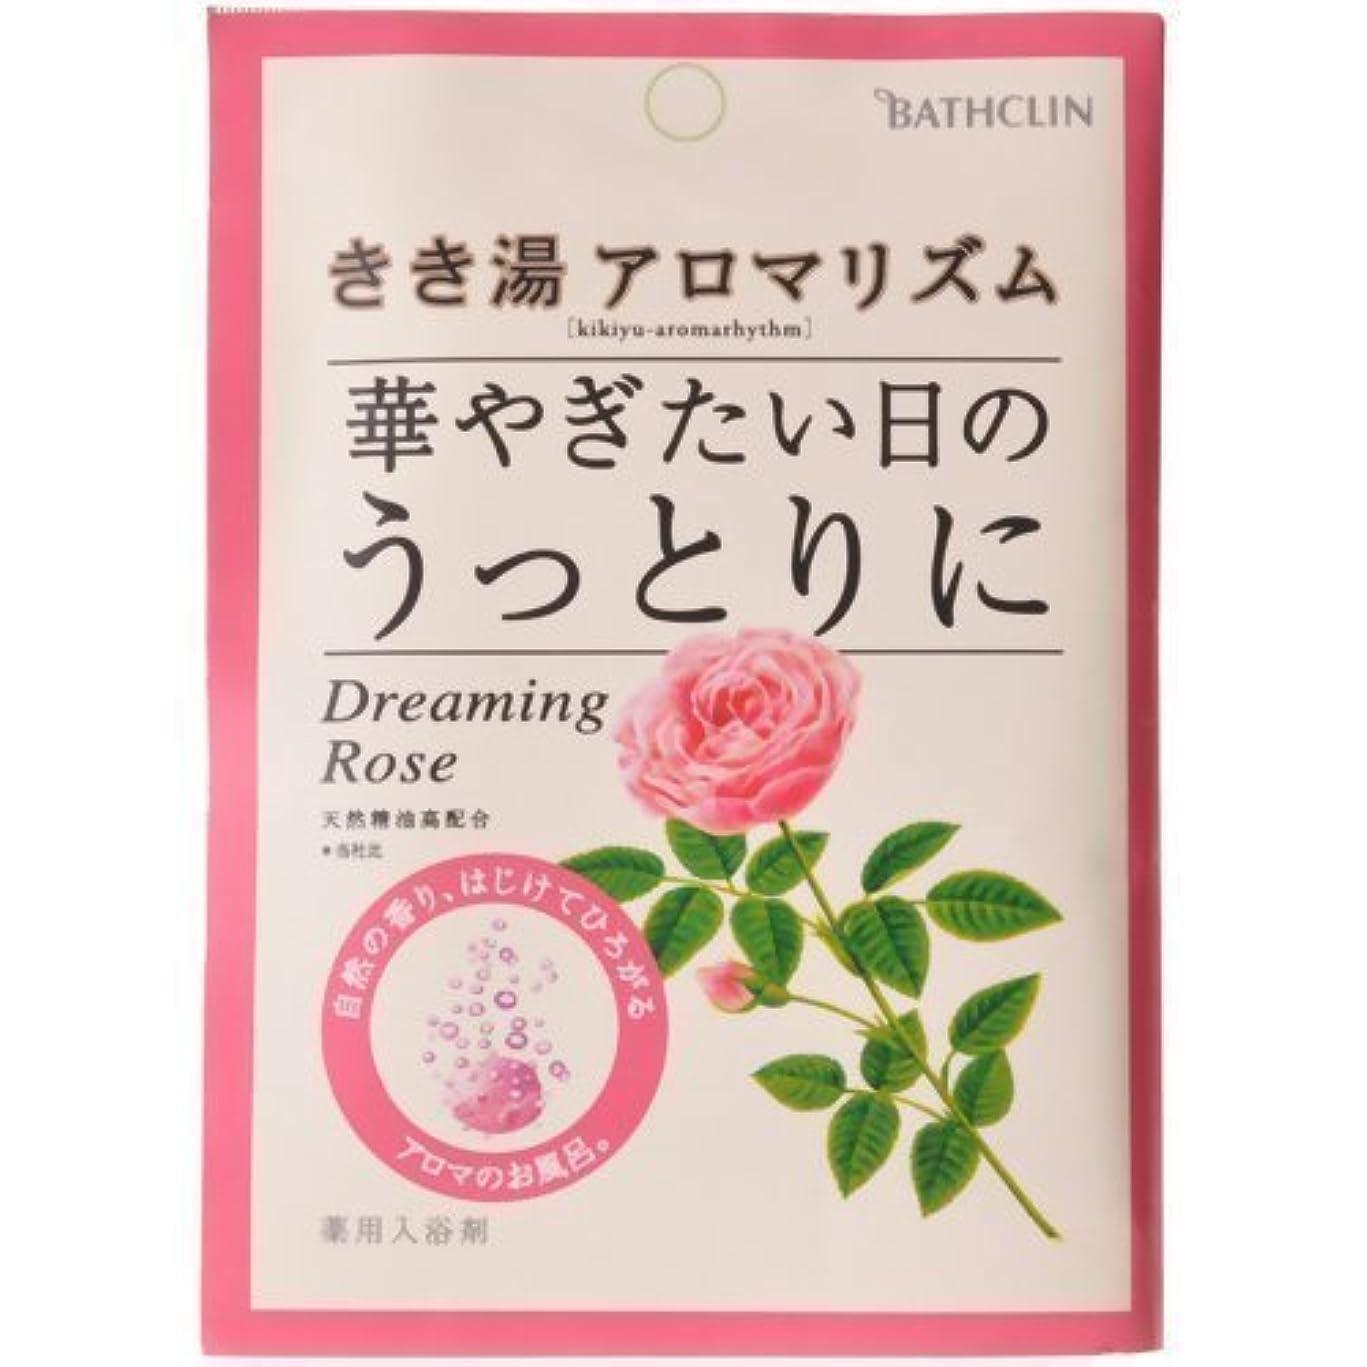 検出時間とともに閉じるきき湯 アロマリズム ドリーミングローズの香り 30g